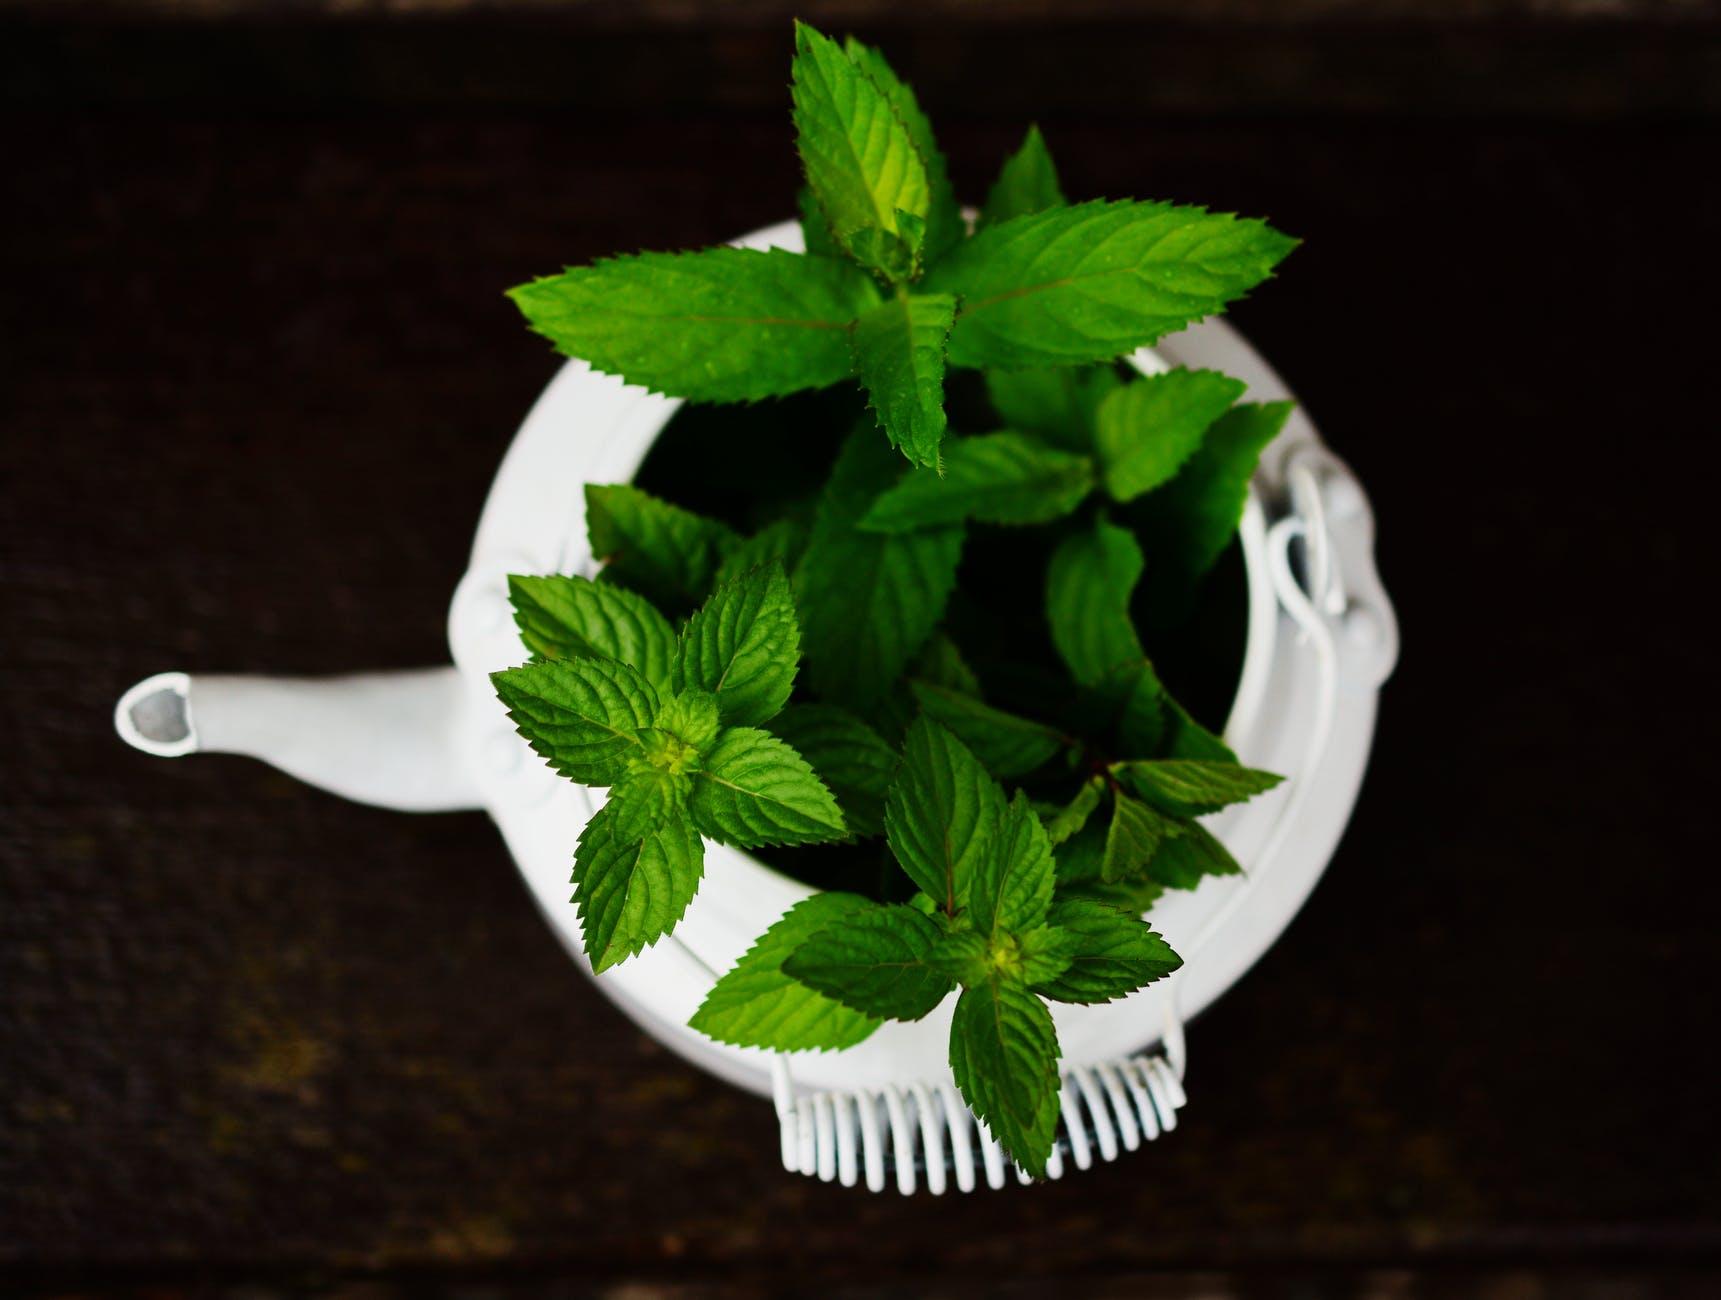 La fitoterapia es la ciencia que se encarga de aplicar el uso de las plantas medicinales para fines terapéuticos. Como toda ciencia, tiene su propia historia que vale la pena conocer.